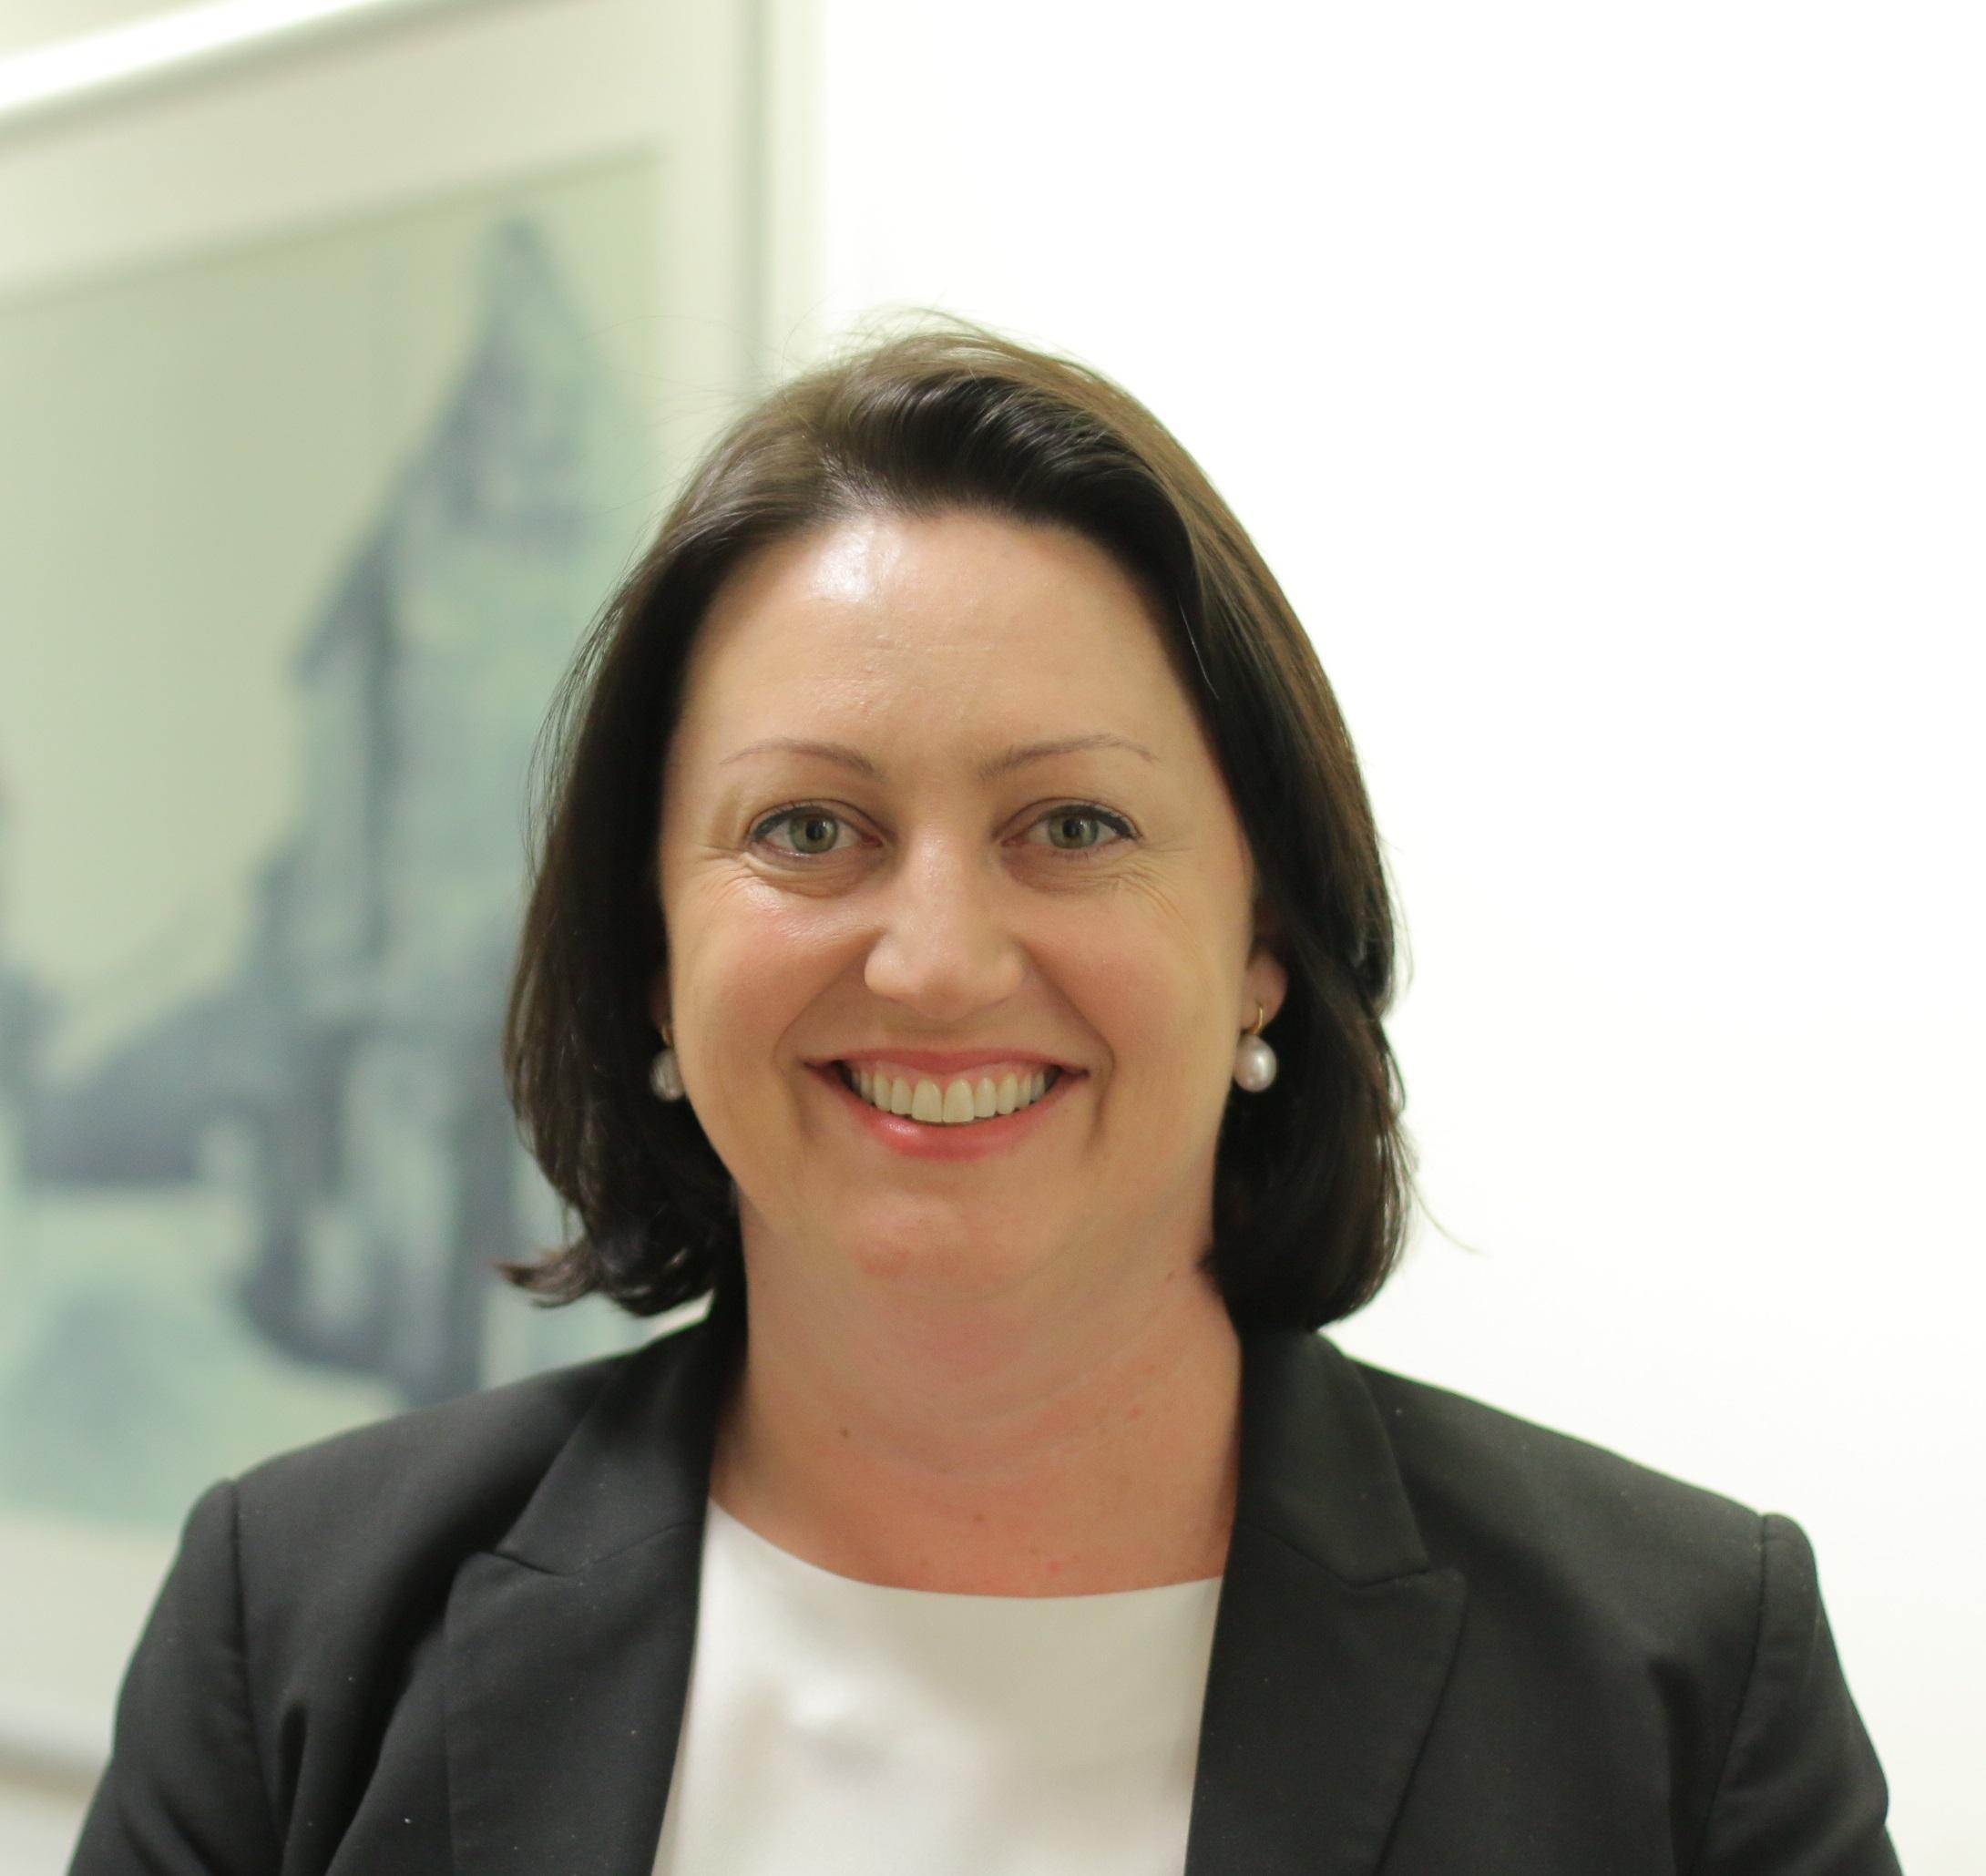 Kylie De Courteney Service NSW